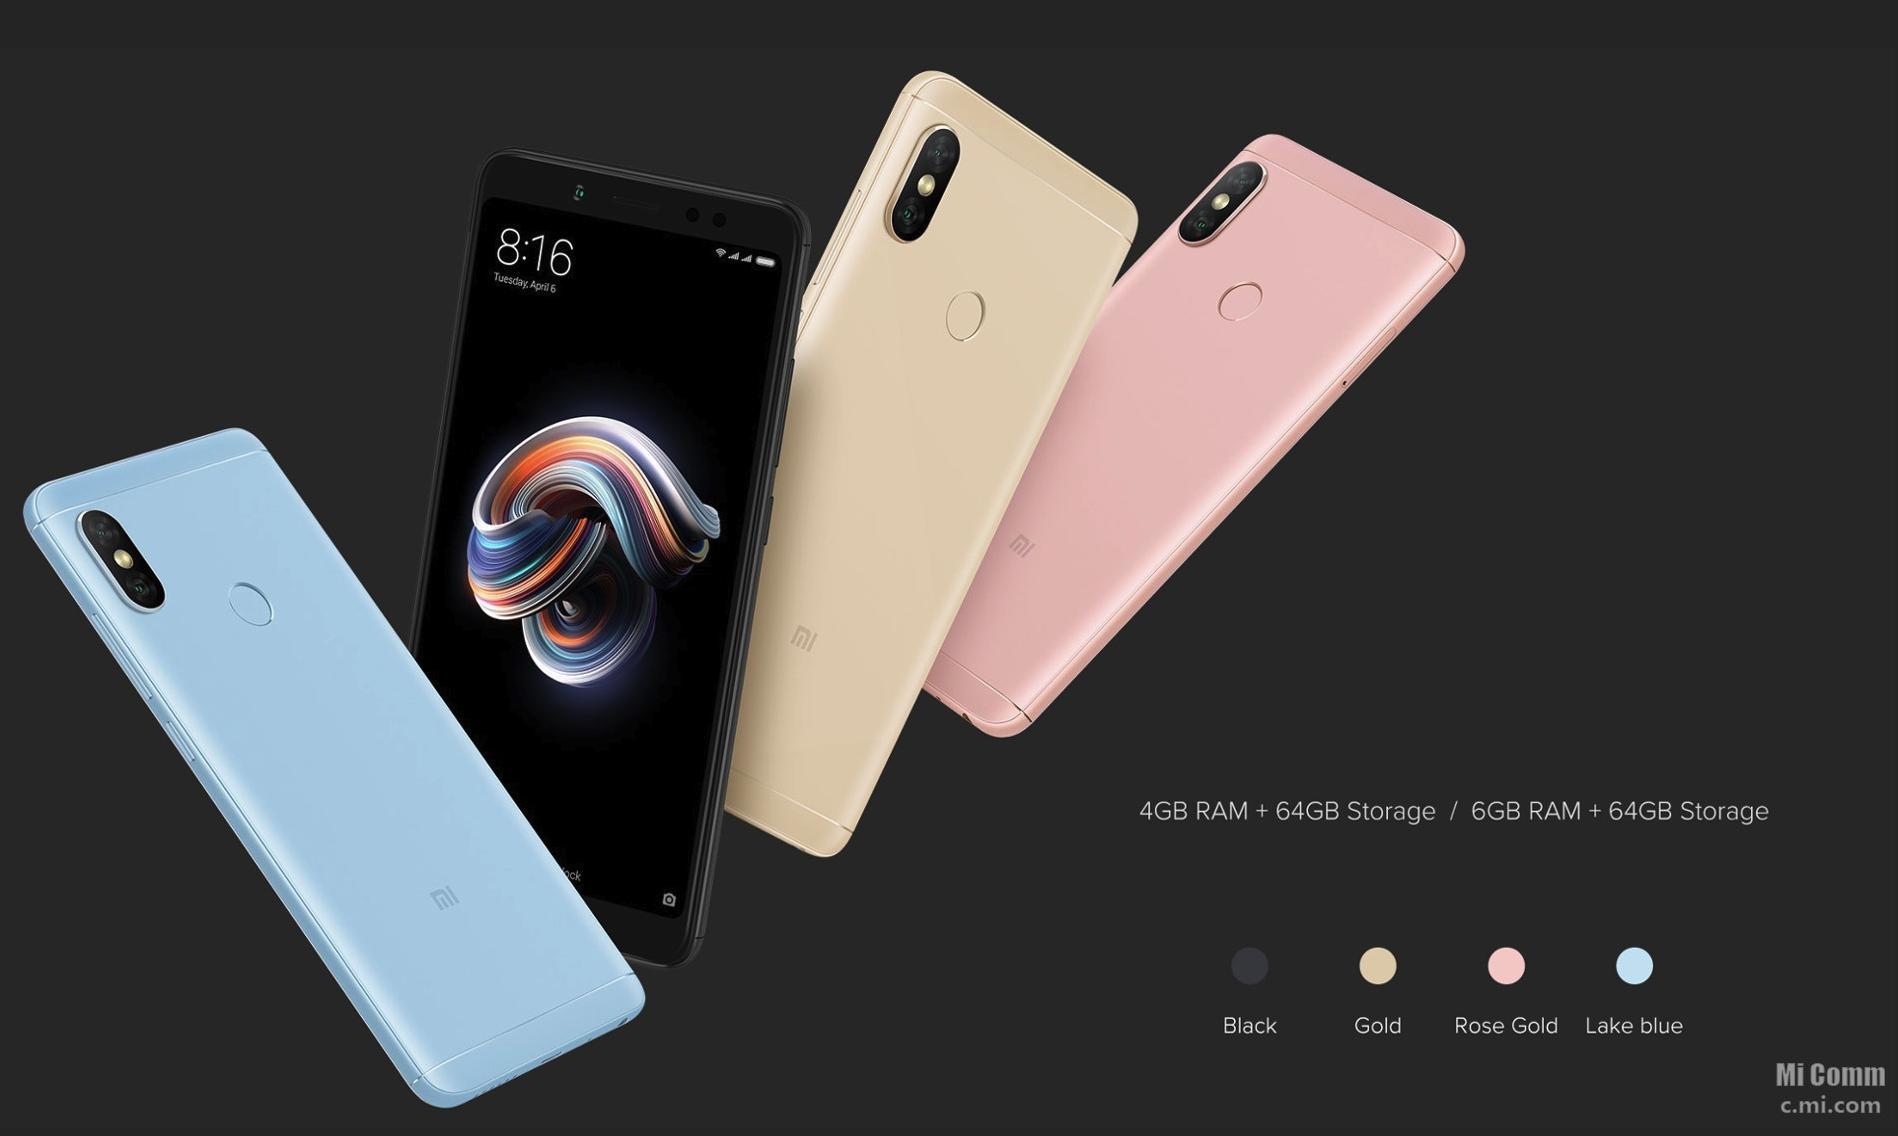 Потенциальные бестселлеры 2018 года - Xiaomi Redmi Note 5, Note 5 Pro